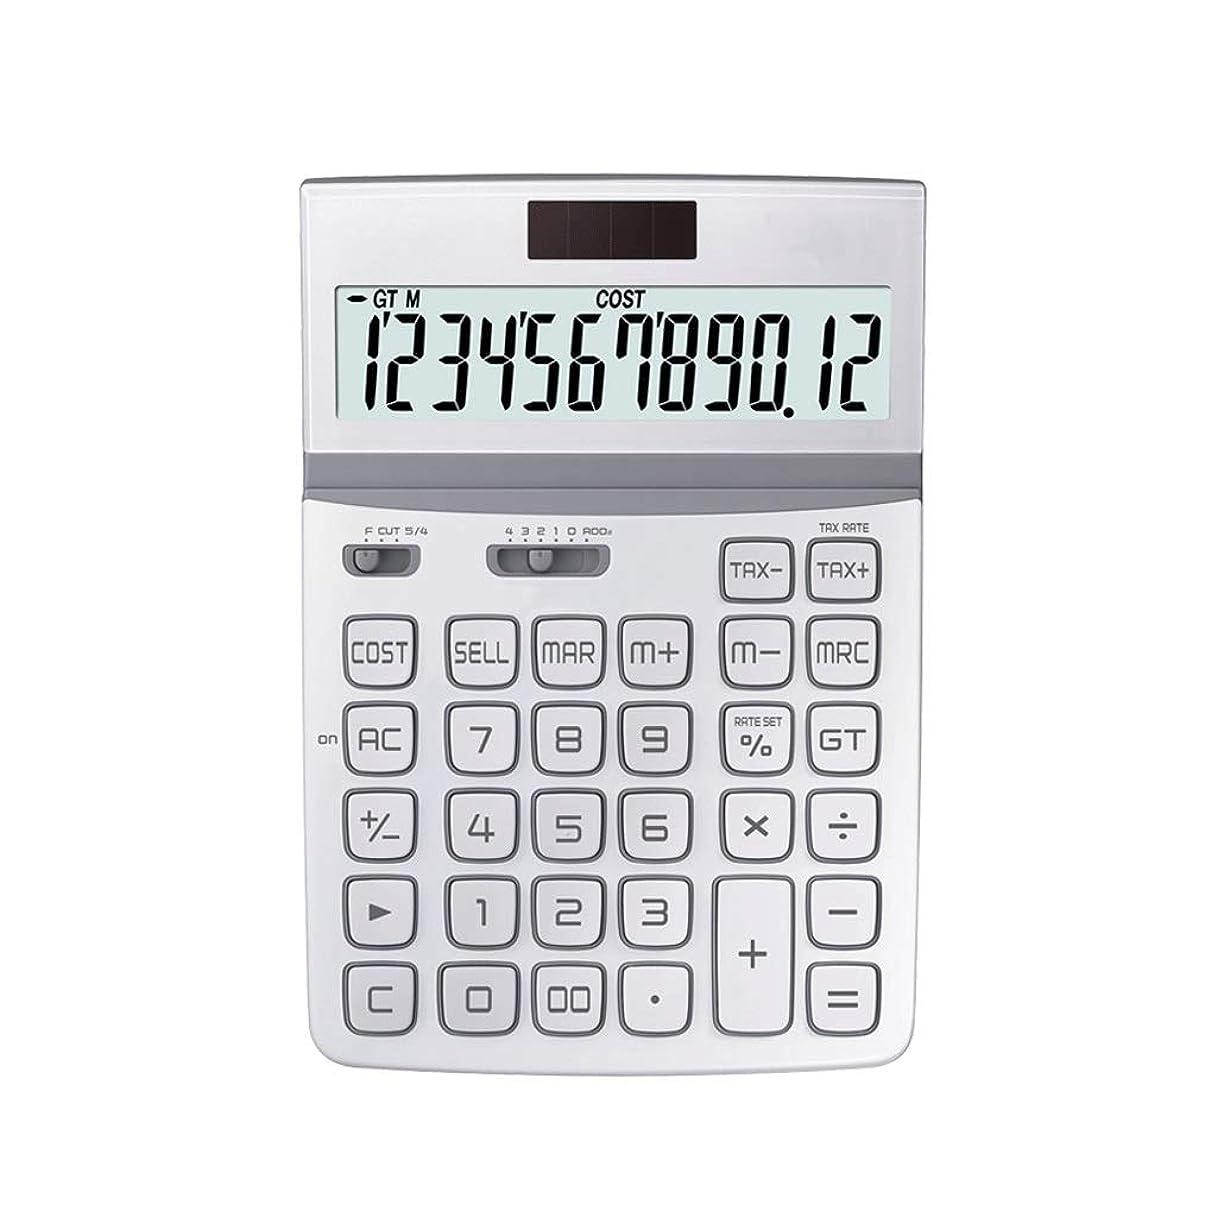 屋内で爆発するディンカルビル事務所 大画面12ビットデジタルHDディスプレイ保護アイソーラーボタンバッテリー二重保険金融電卓 算数 (PATTERN : B)